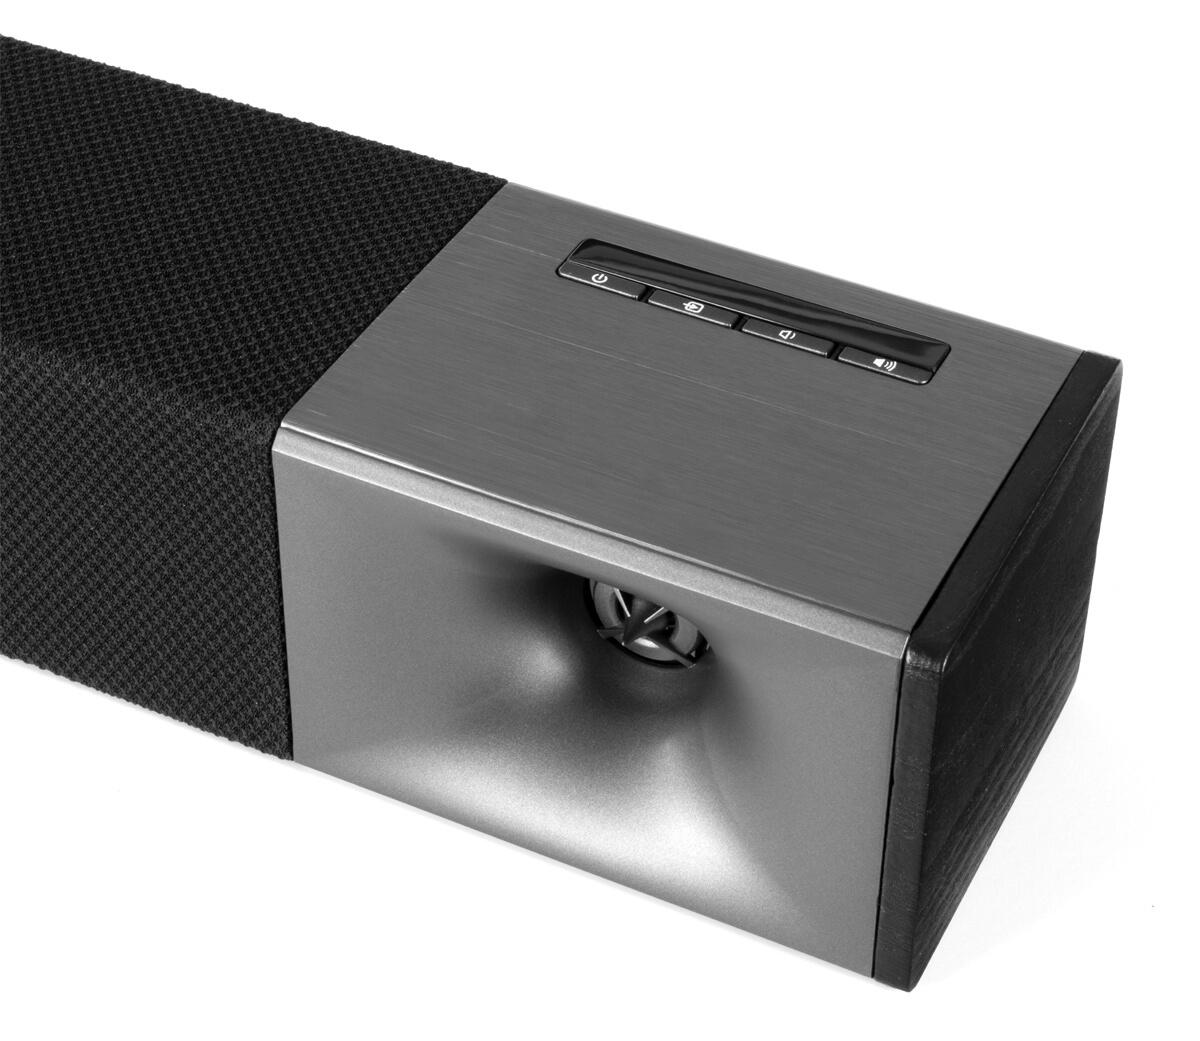 Klipsch Cinema 600 Soundbar: Blick auf den rechten Hochtöner mit dem typischen Klipsch-Hornvorsatz